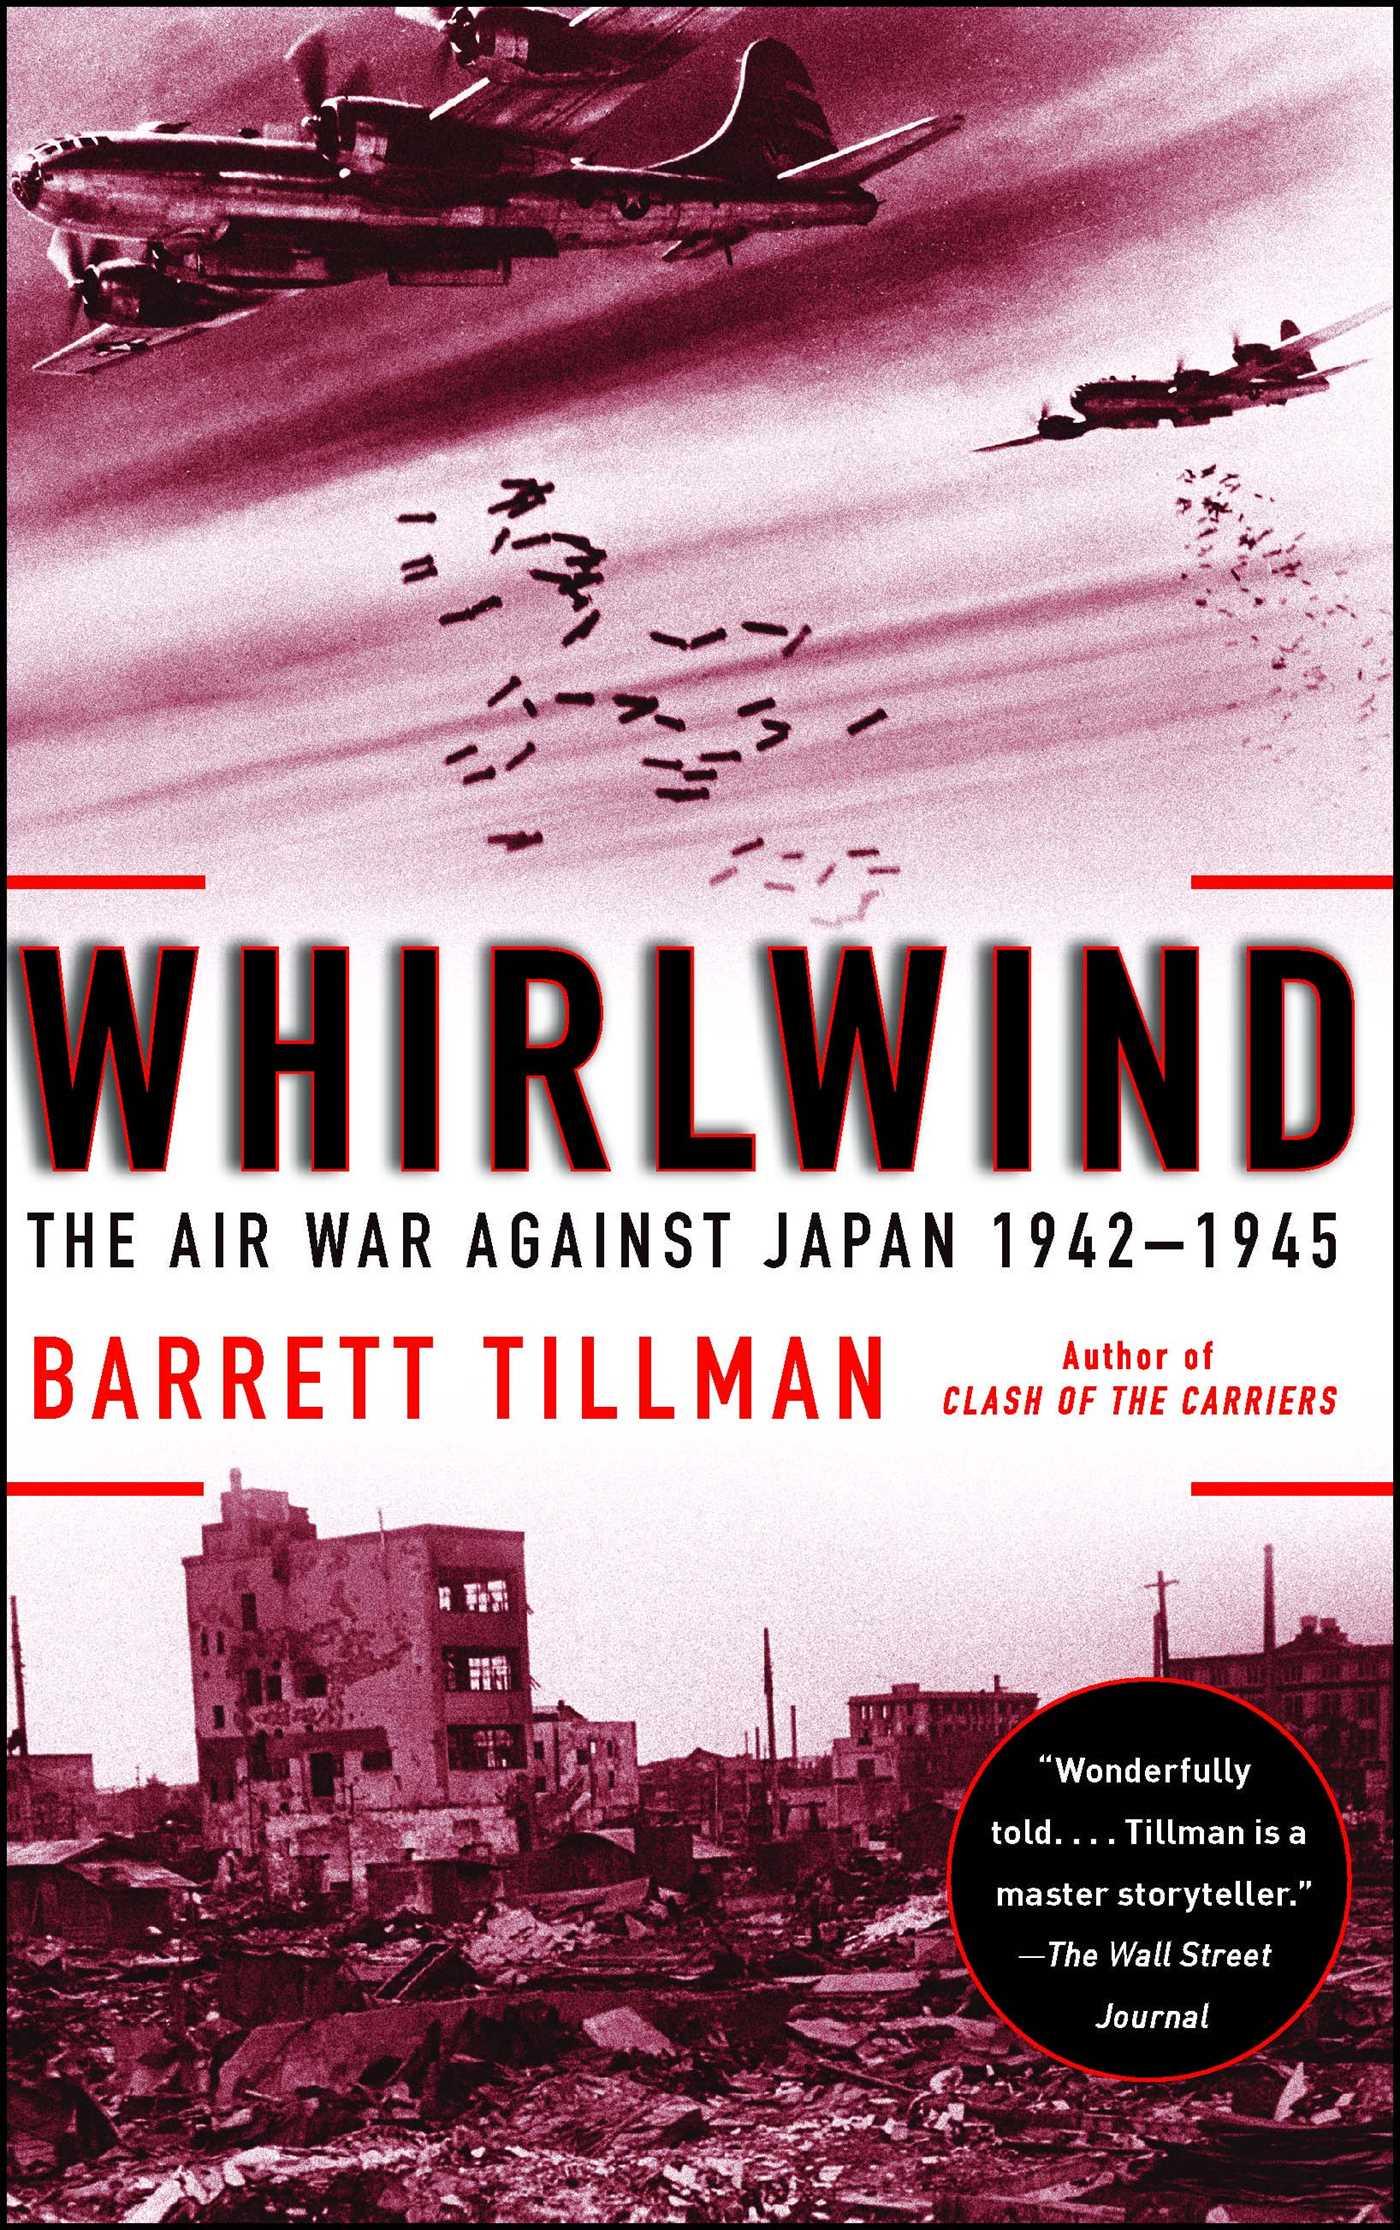 Whirlwind 9781416585022 hr